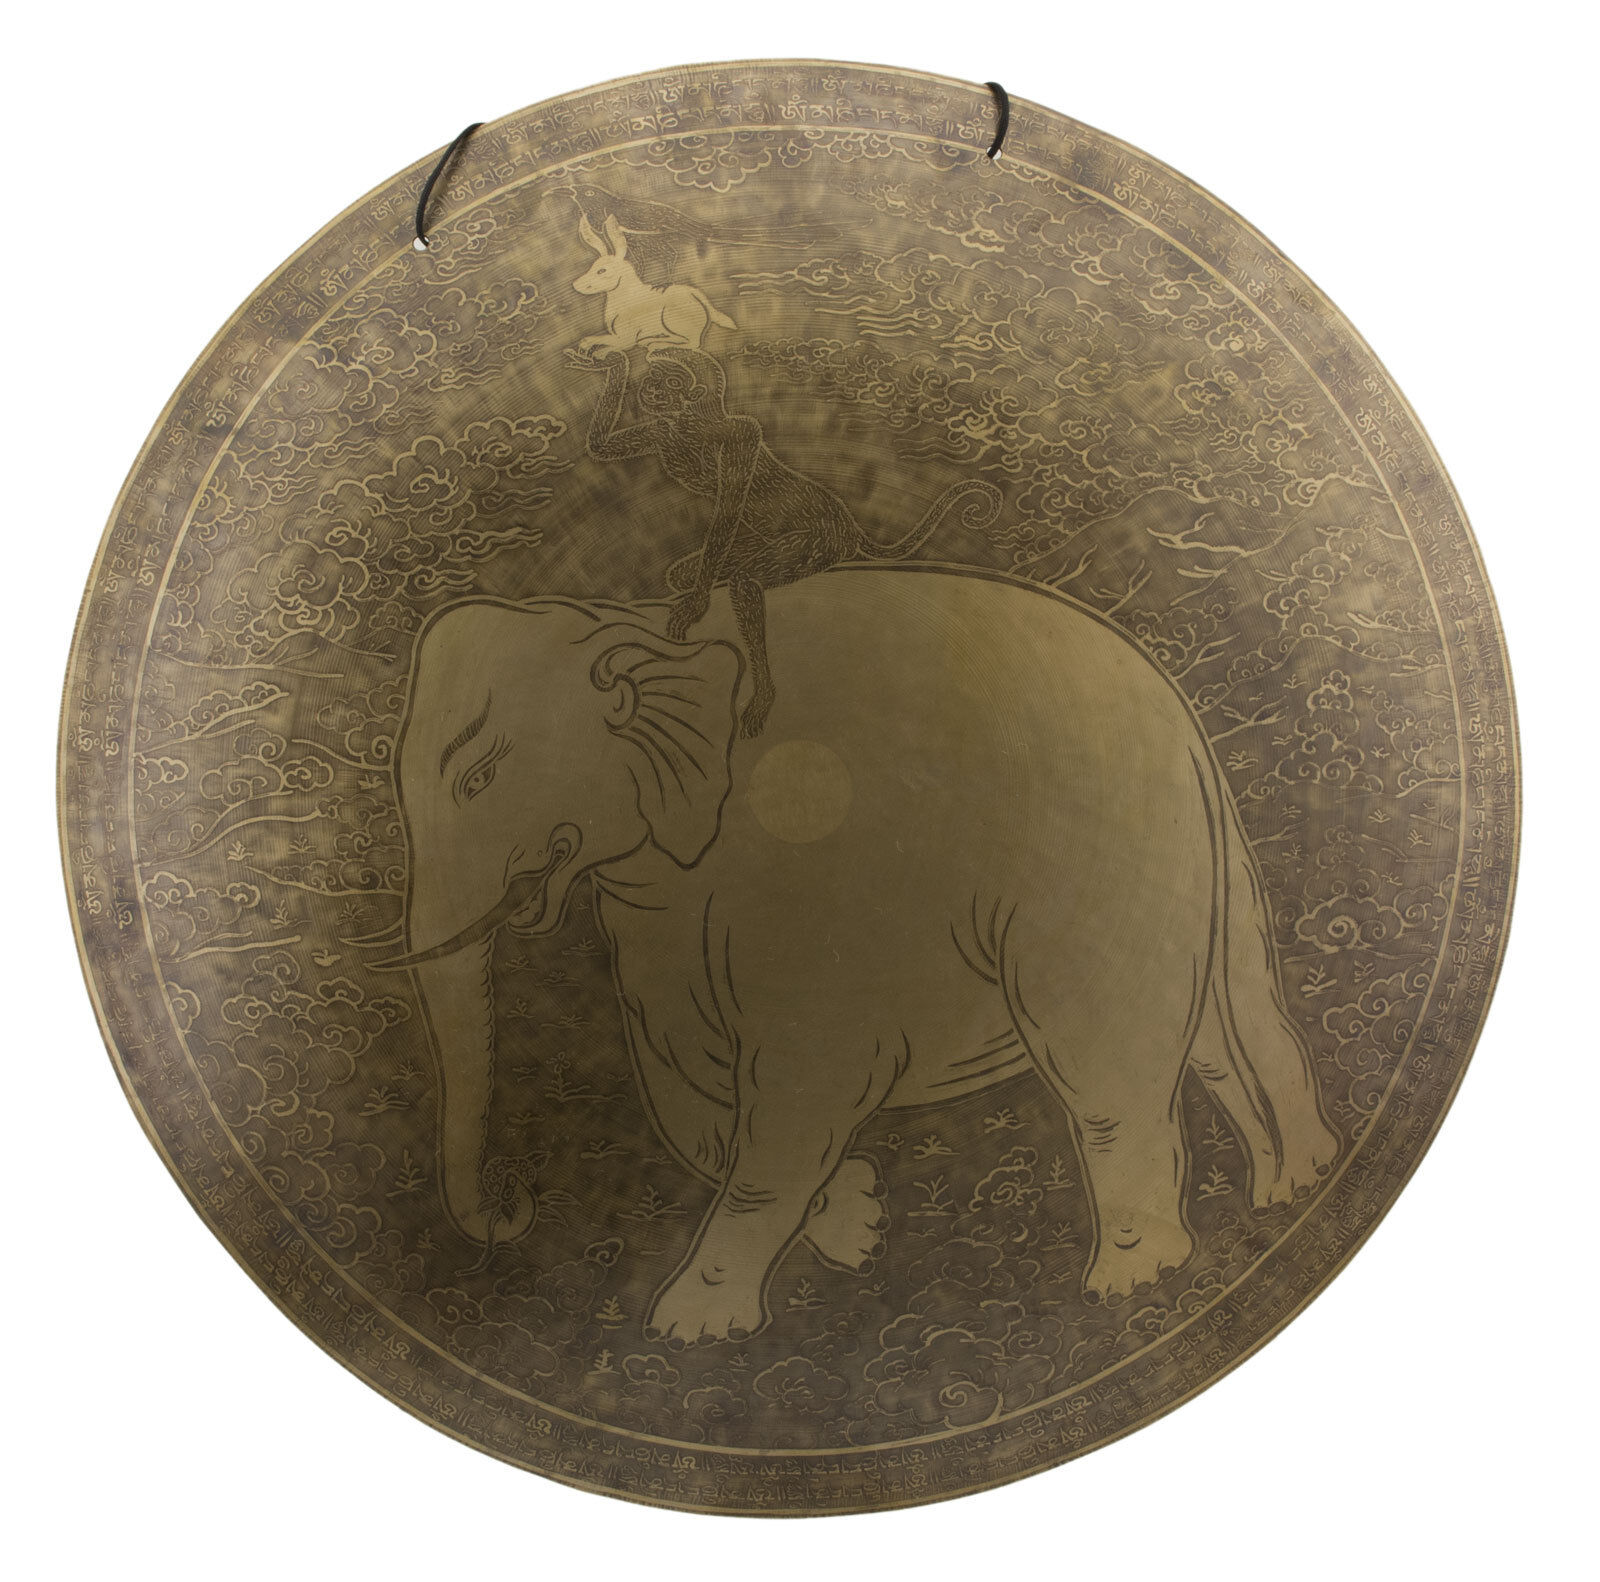 Gong tibet- Freundschaft ewige 7 Metall o 65 cm 4kg900 TIBET Nepal 25778 HG 3